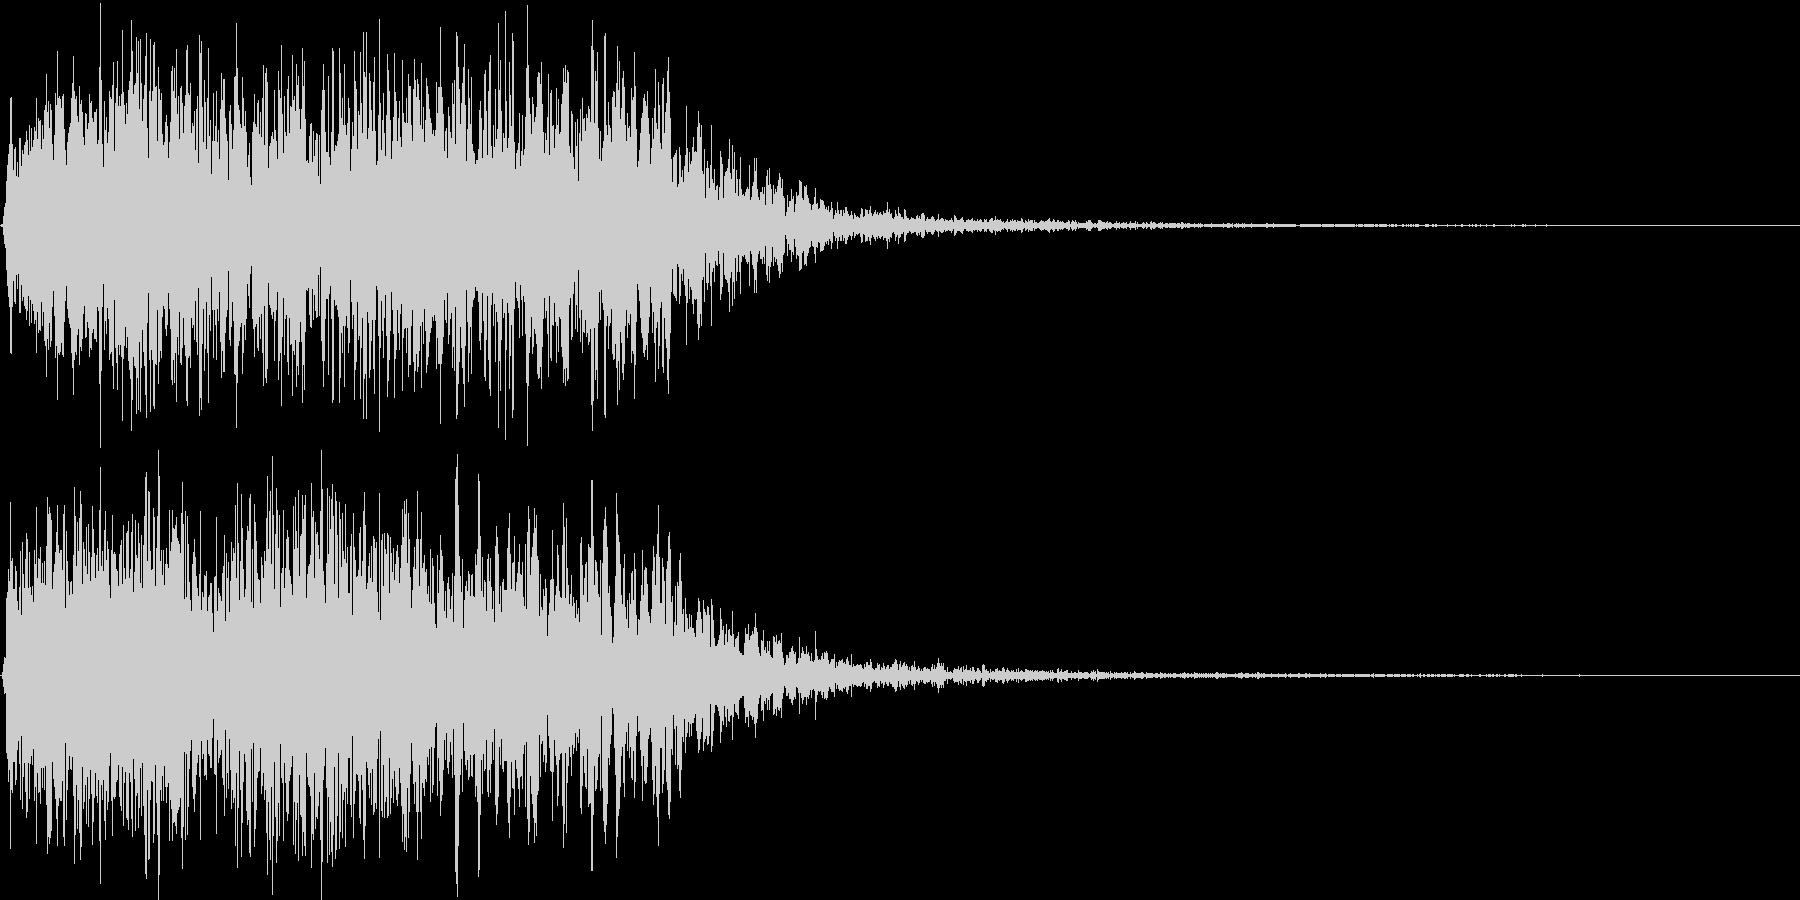 吹きすさぶ風・竜巻系の魔法(高レベル)2の未再生の波形